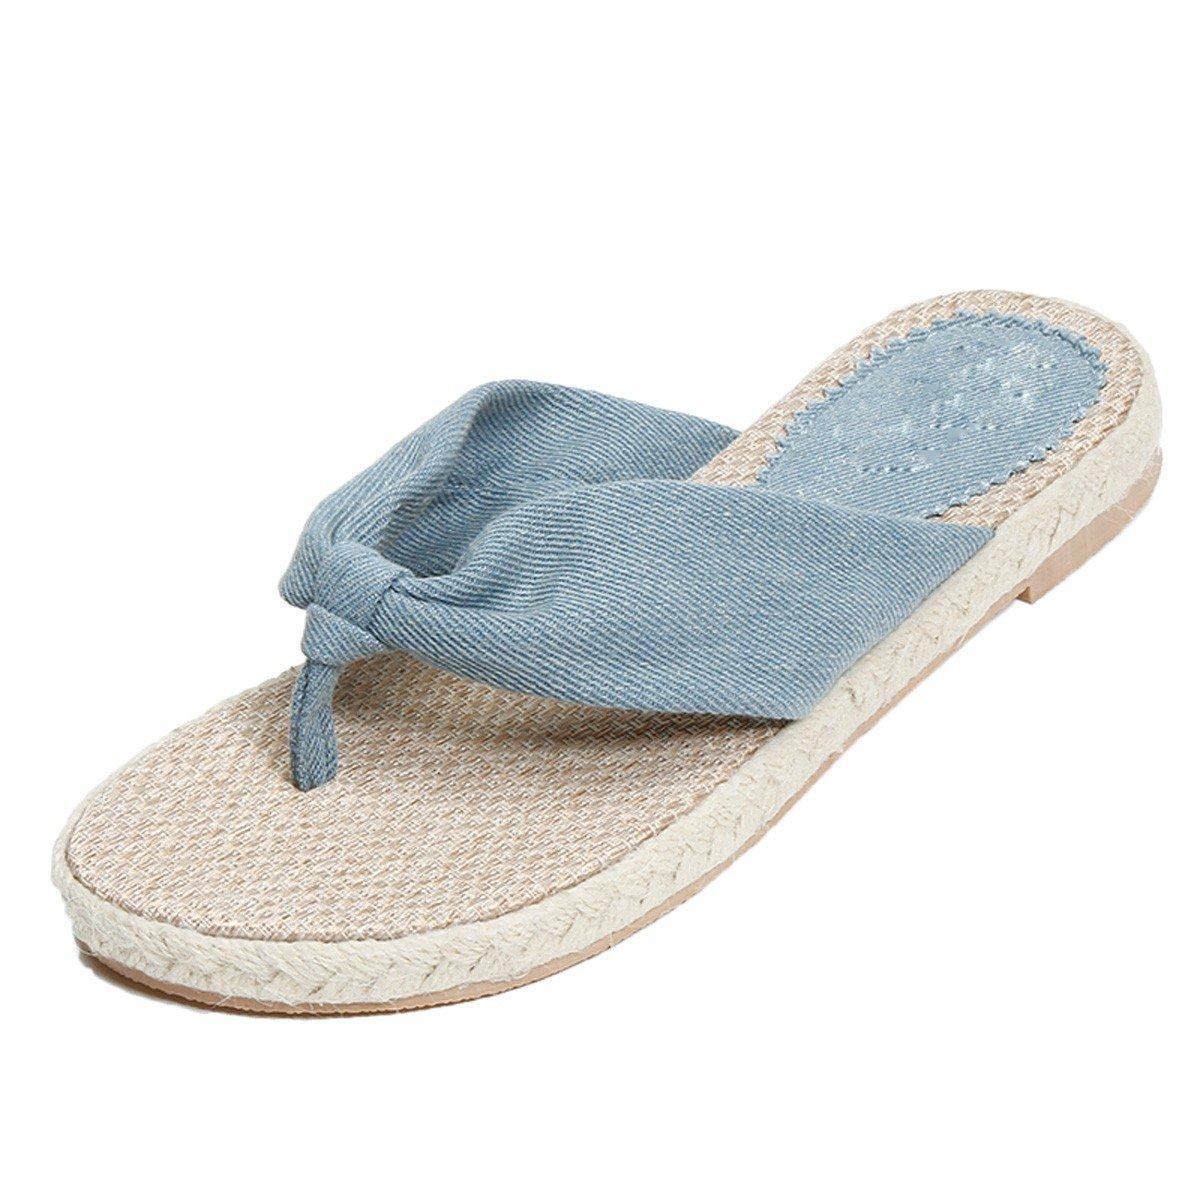 HBDLH-Damenschuhe HBDLH-Damenschuhe HBDLH-Damenschuhe Sommer Bettwäsche Jeans Schuhe Bettwäsche Lässig Weiblich Flip - Flops Flachen Boden. 6ebb8e